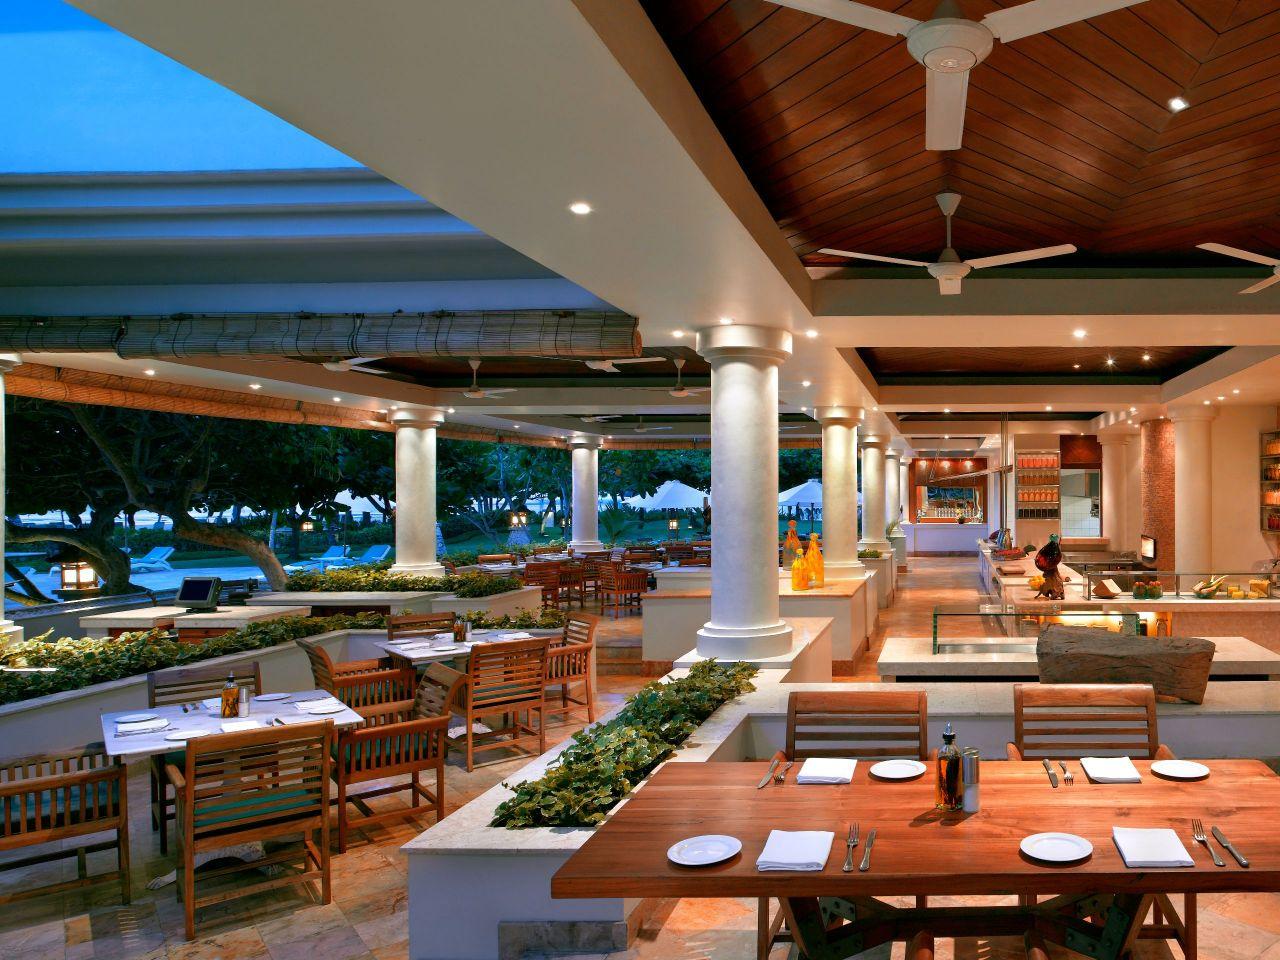 Cafe Garden outdoor